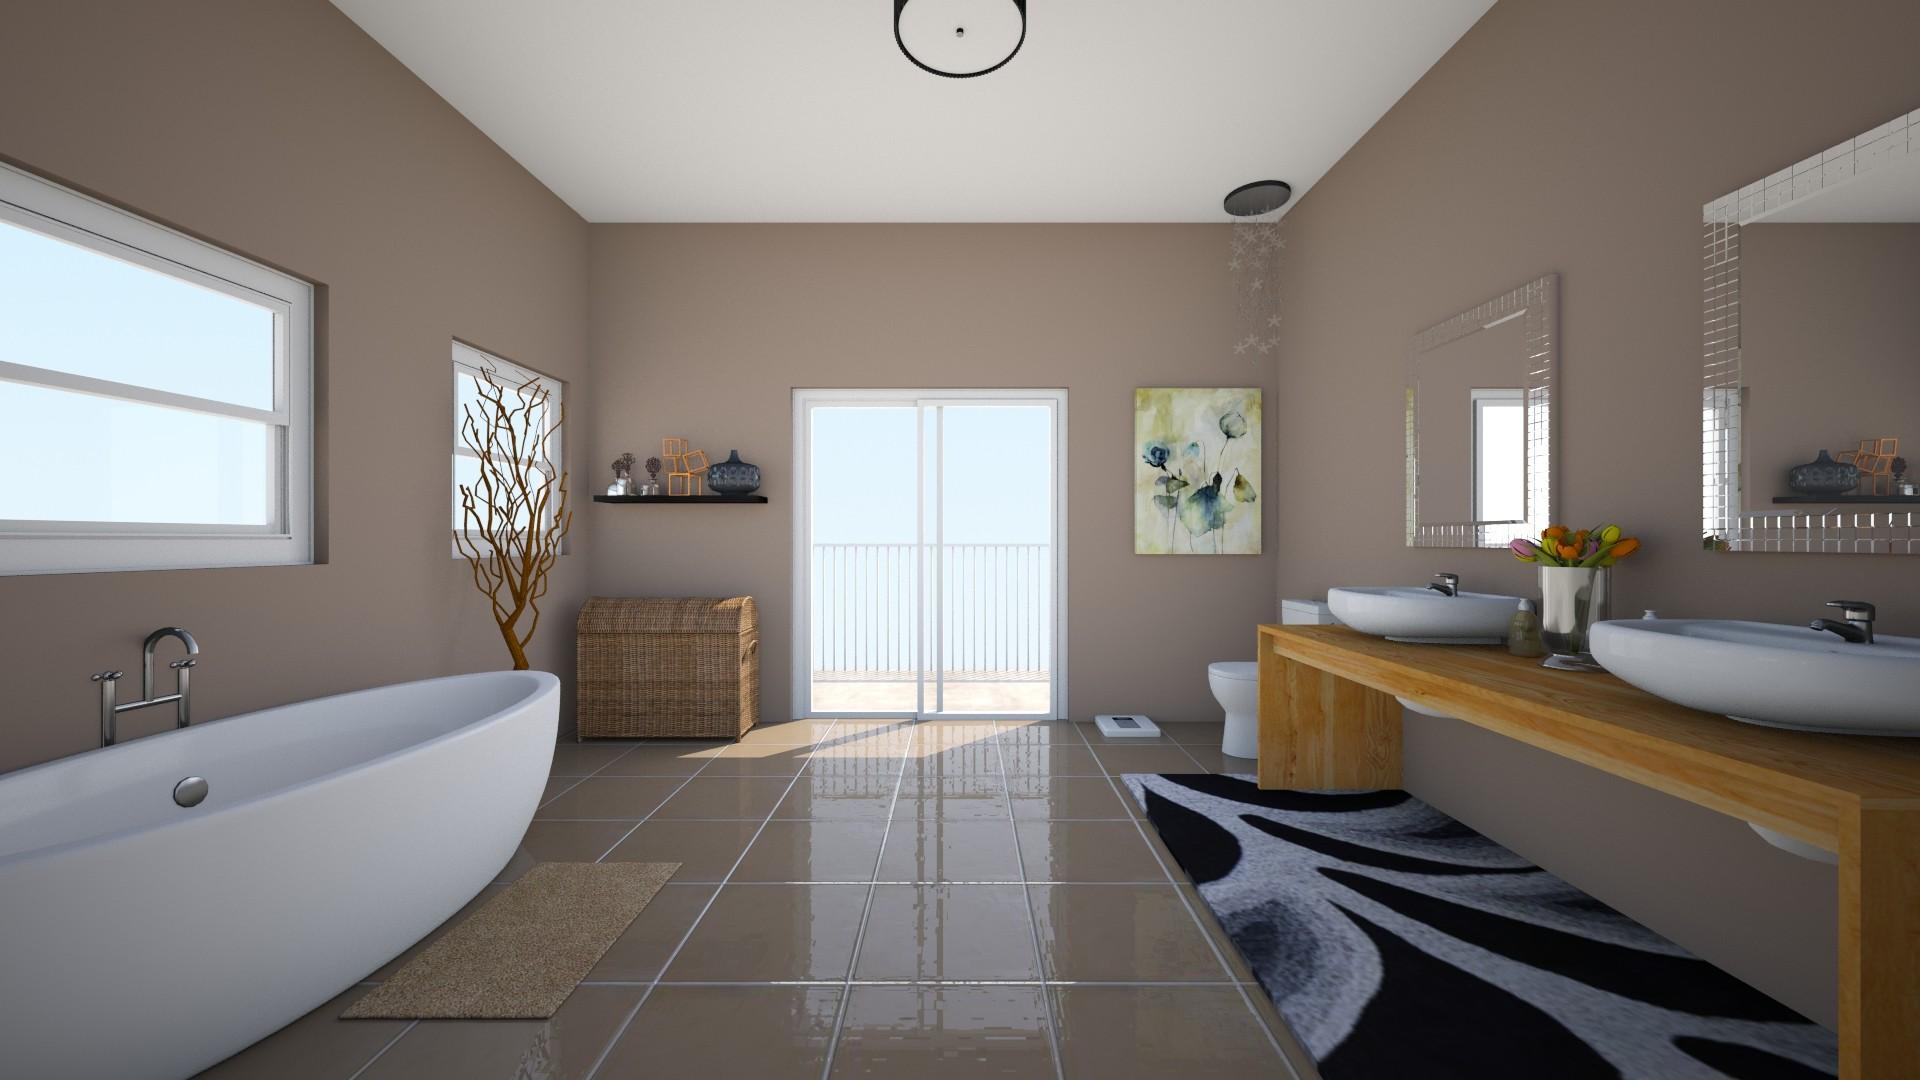 bathrrom - Bathroom - by unicorn_kylie_2003